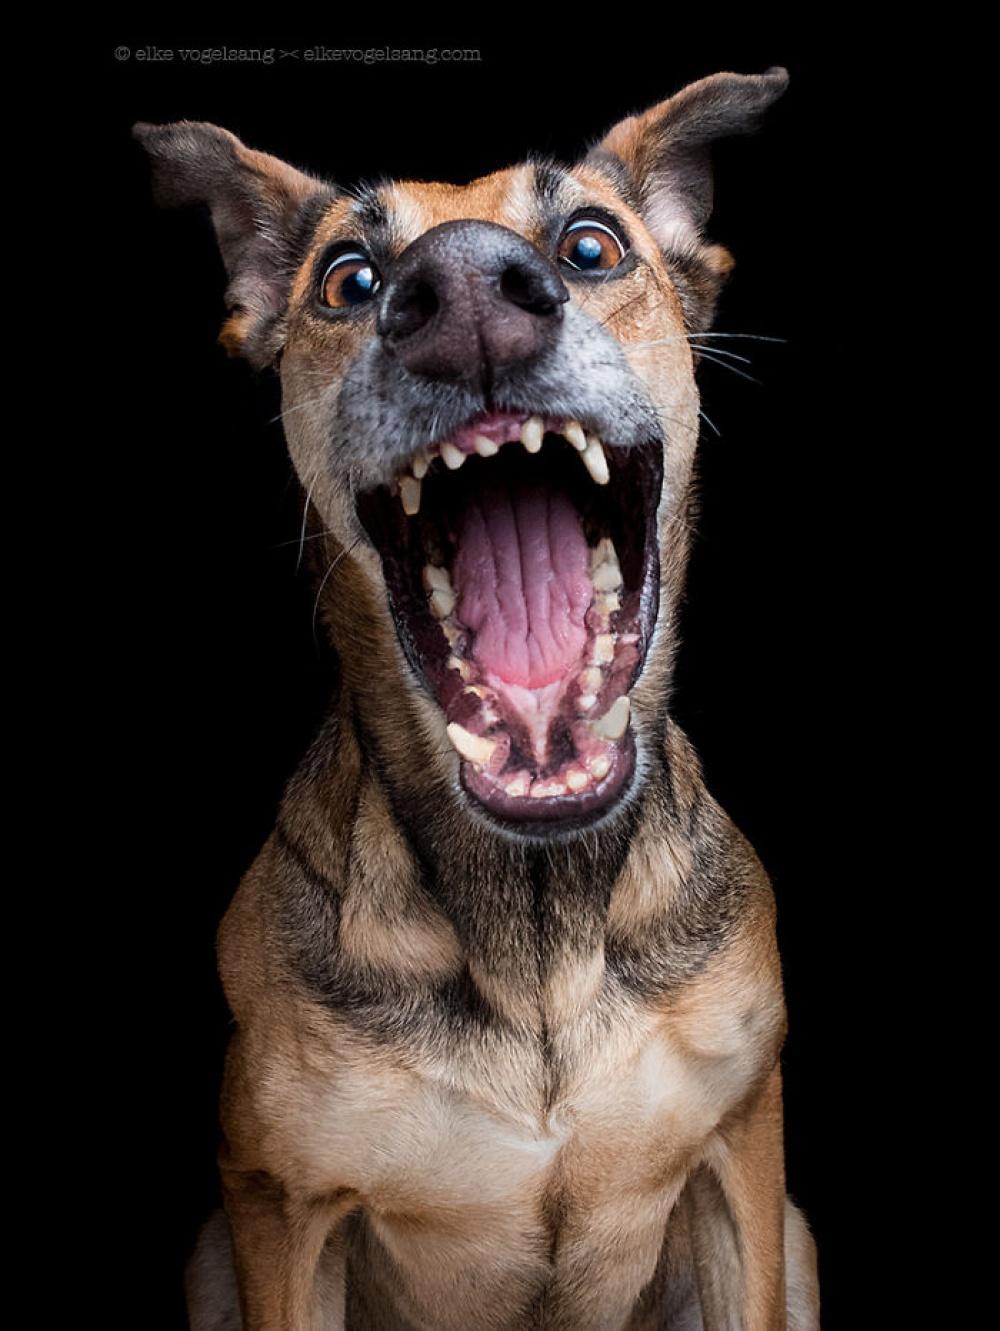 757905-1000-1453753130-expressive-dog-portraits-elke-vogelsang-3